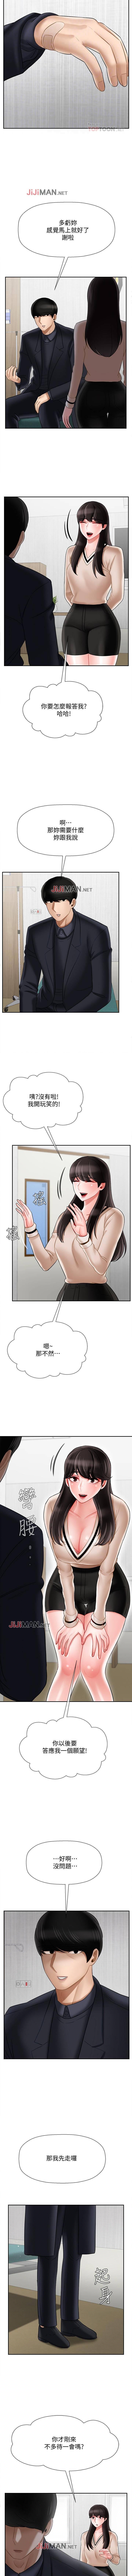 【已休刊】坏老师(作者:朴世談&福) 第1~31话 176